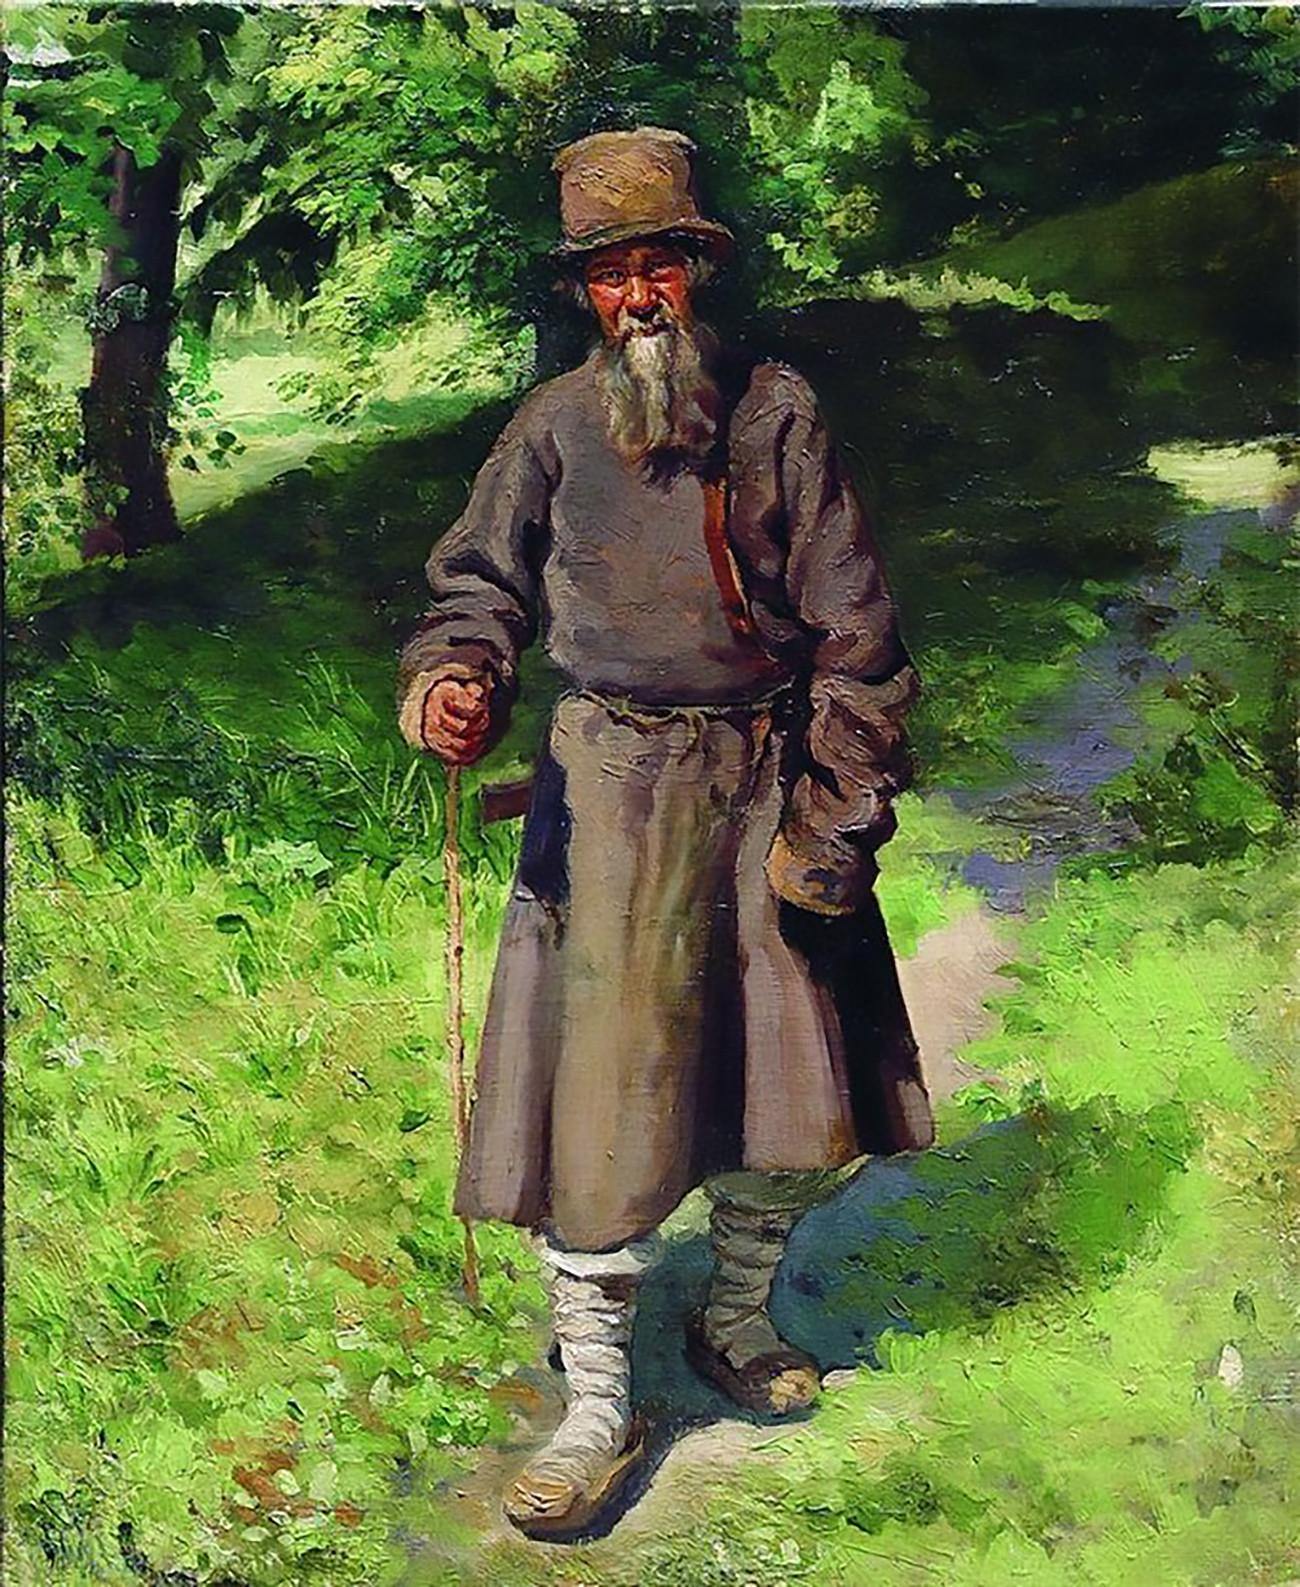 Kmet v gozdu, slikar Nikolaj Jarošenko.